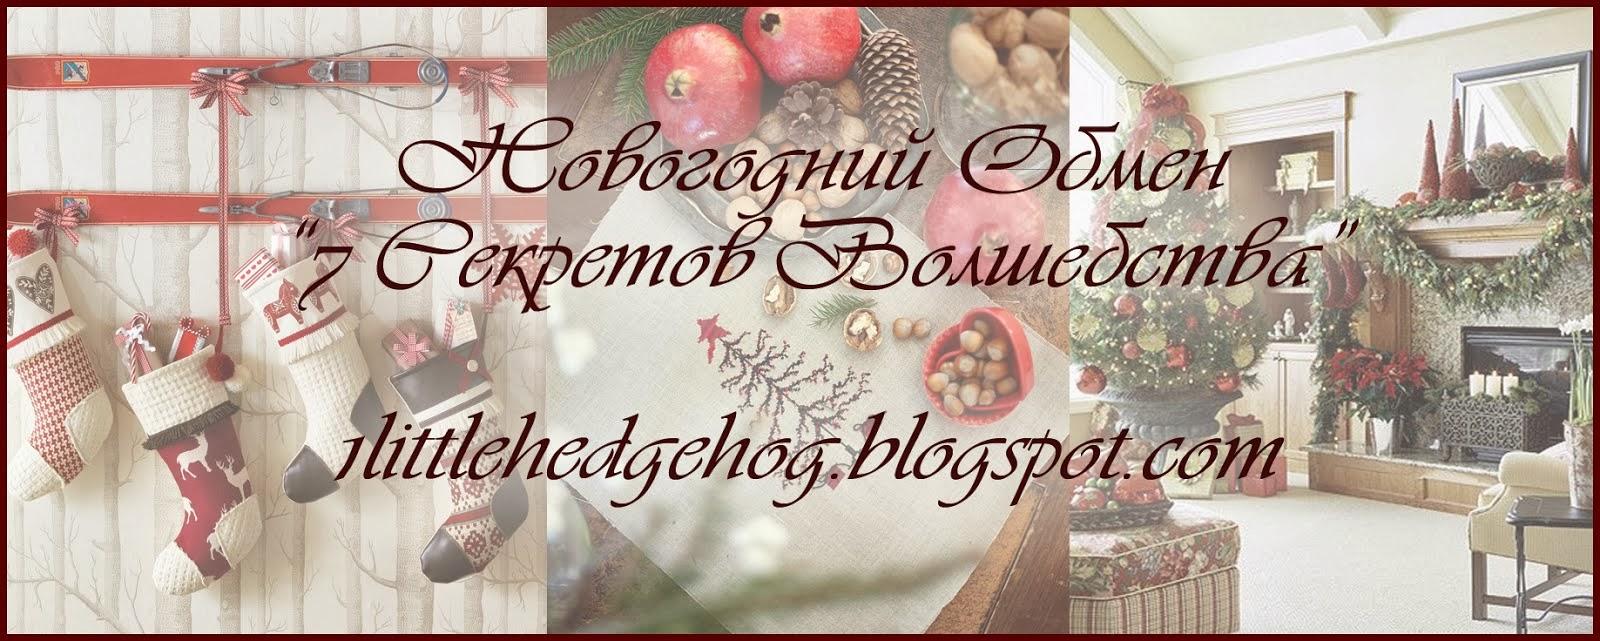 """Новогодний Обмен """"7 секретов волшебства"""""""